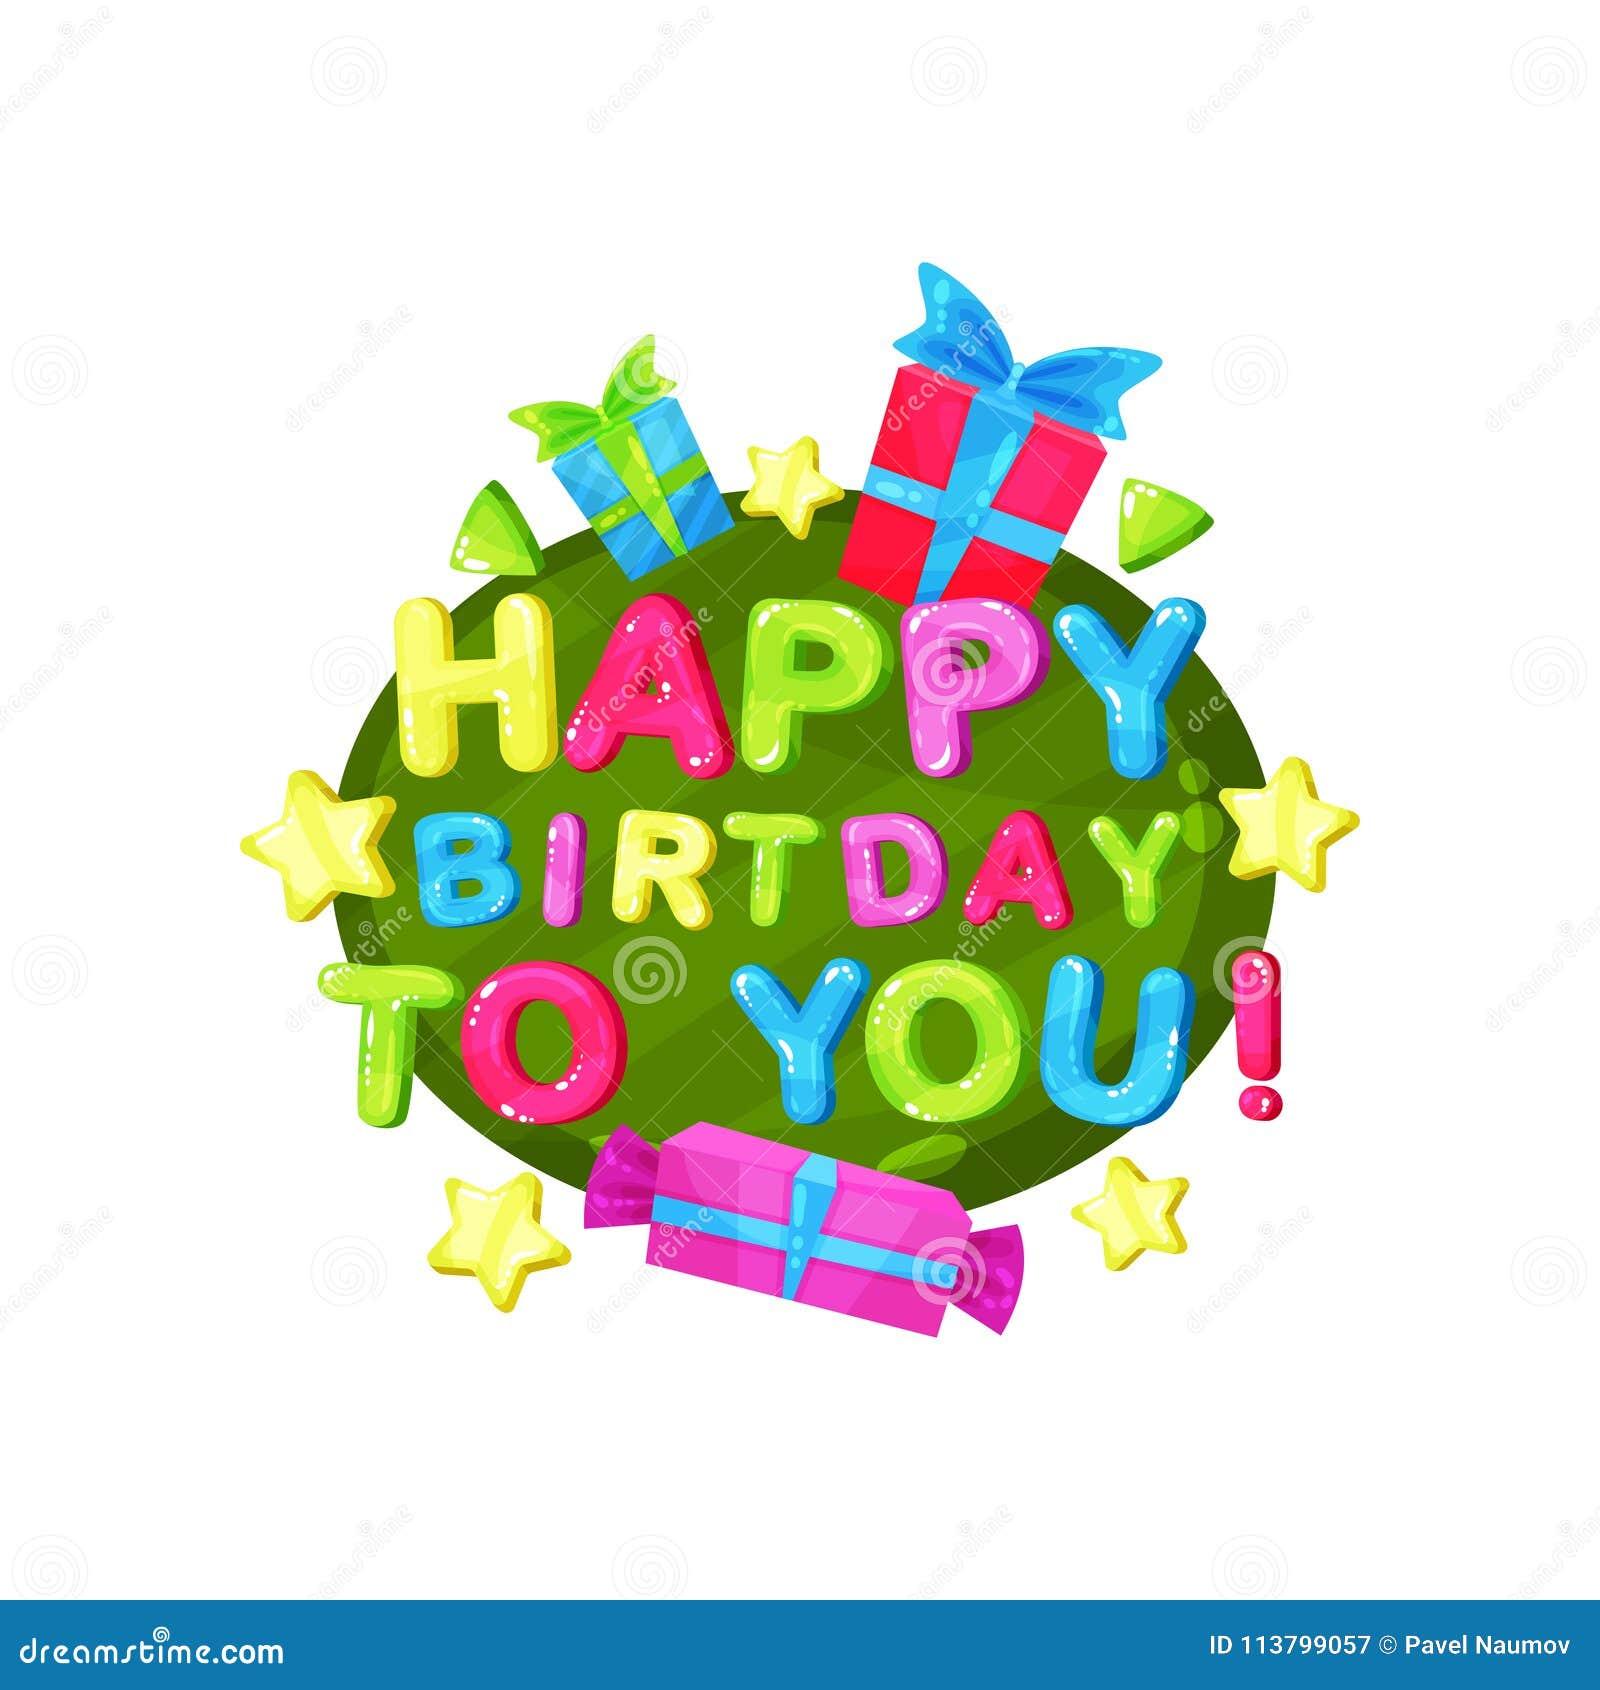 Alles Gute zum Geburtstag scherzt Logoschablone, Gestaltungselement für Einladung, Parteifahne, Kindergarten, den bunten Raum